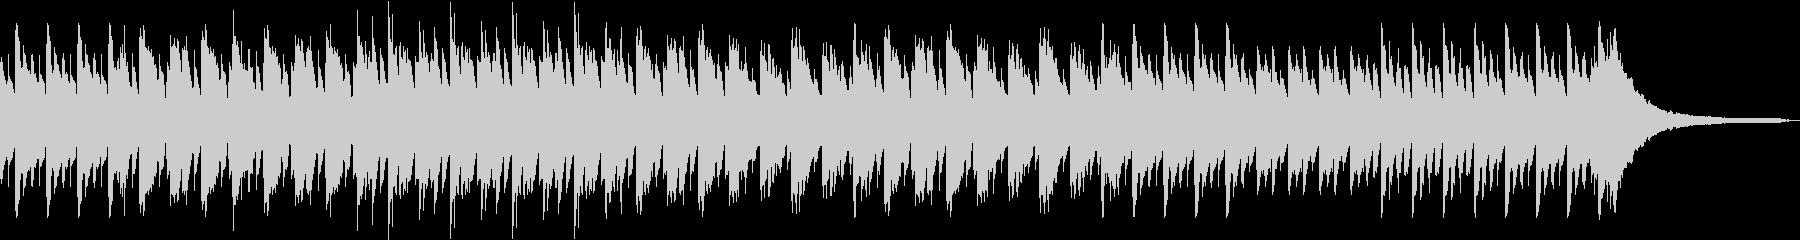 童話的な明るいピアノ音源の未再生の波形